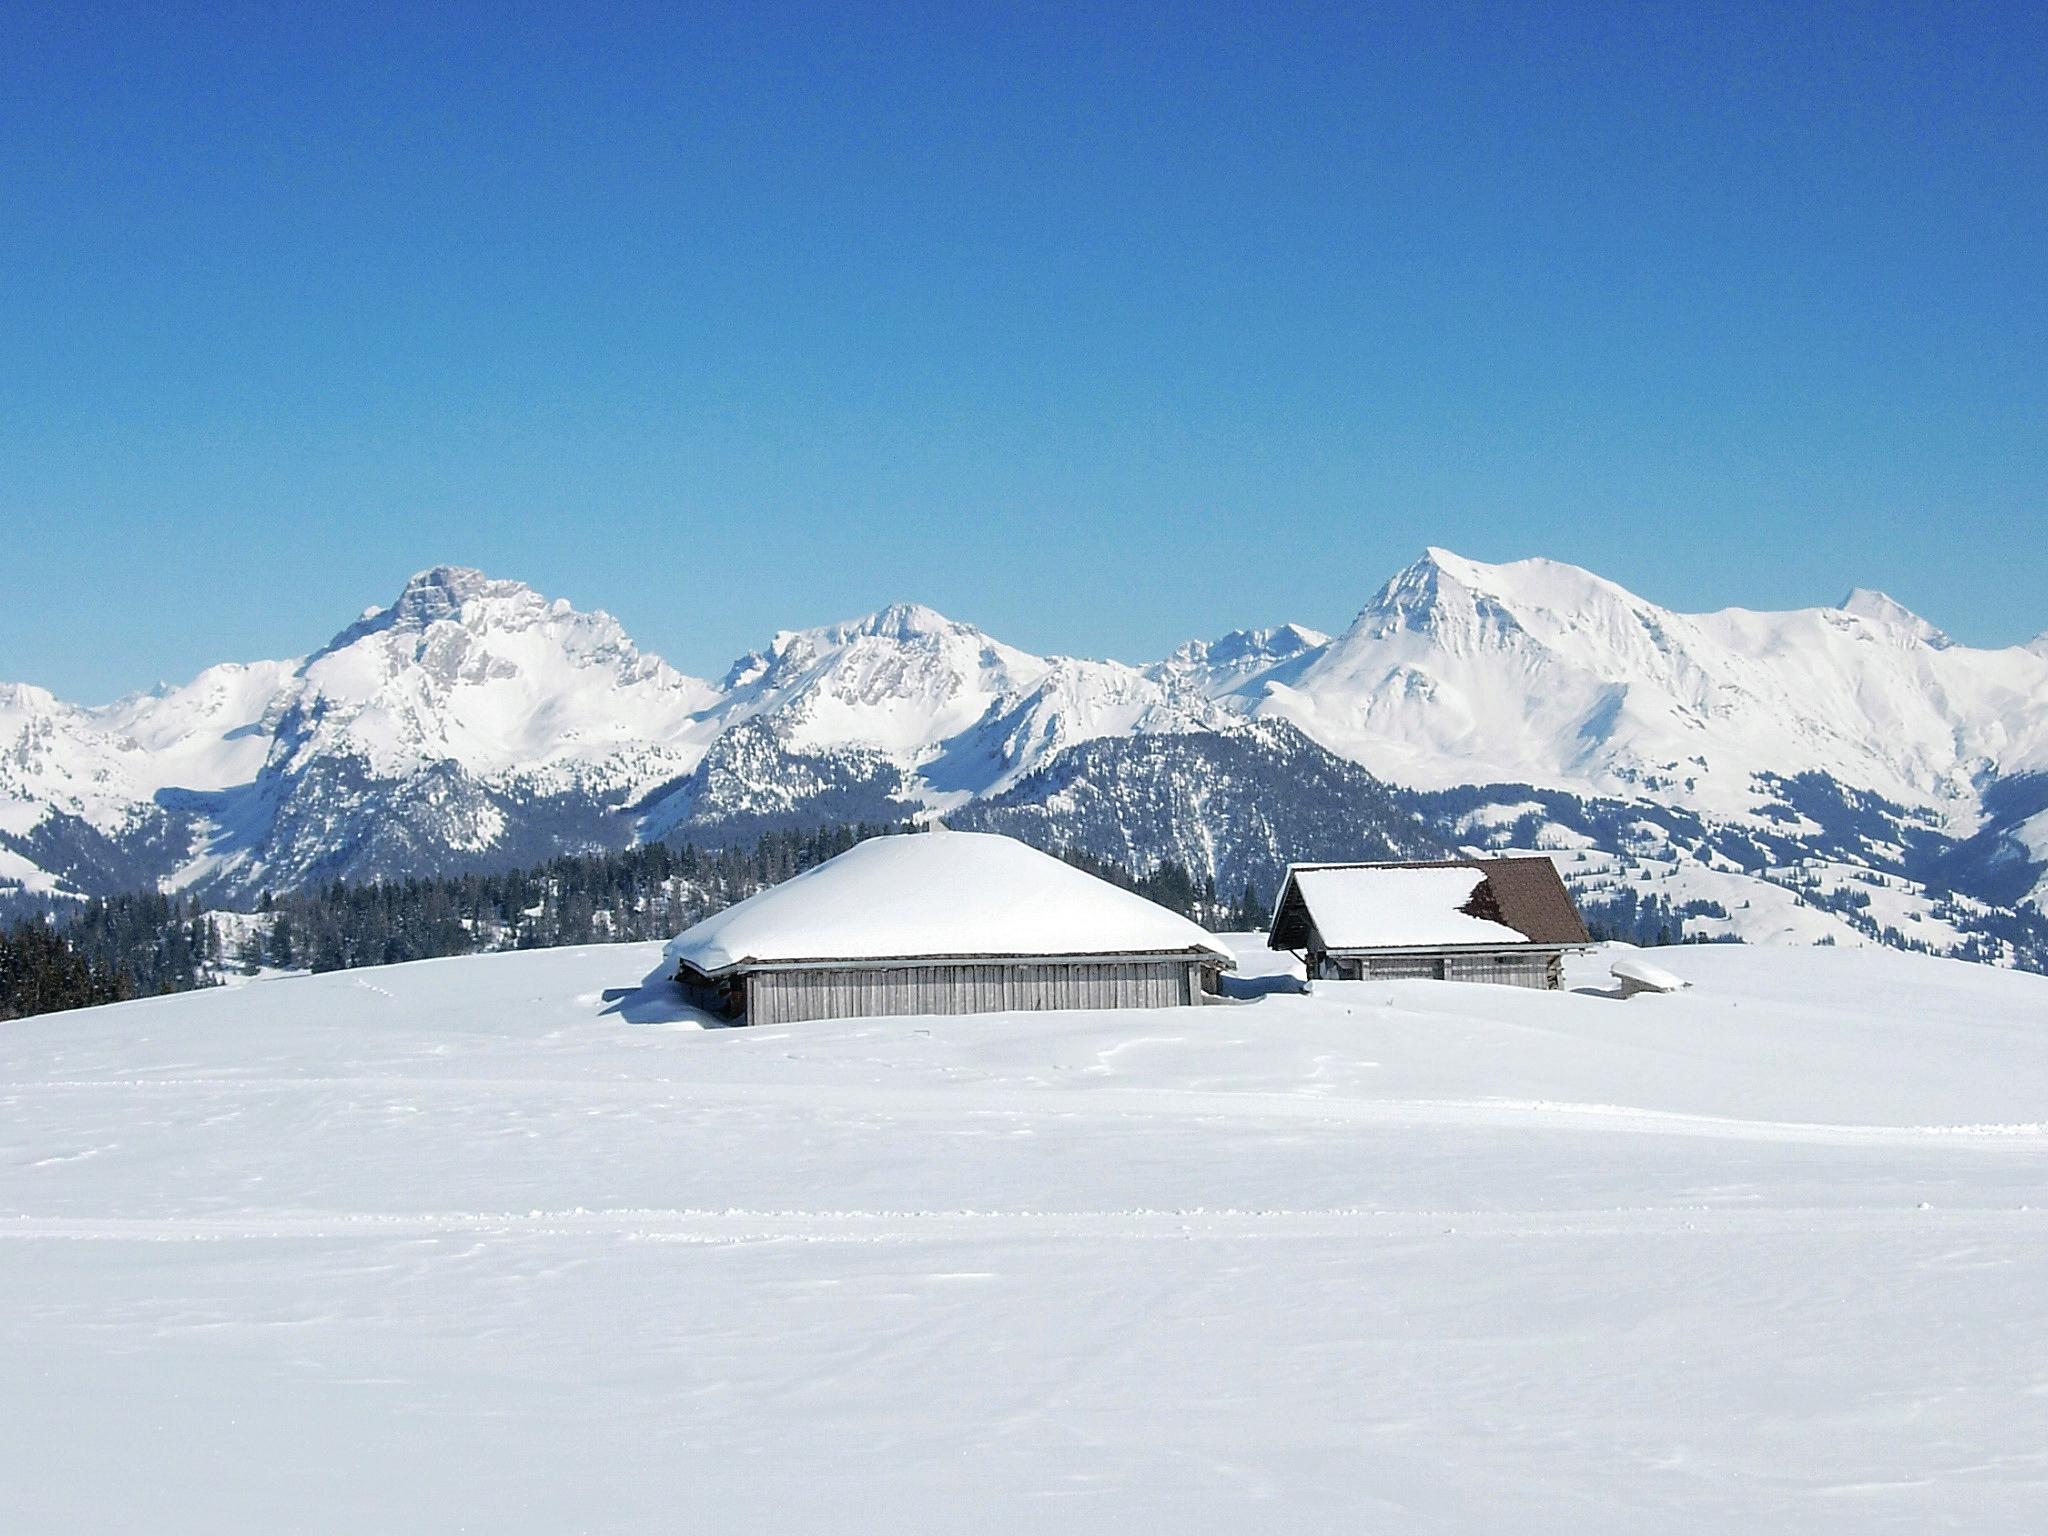 Winterplausch in Zweisimmen - Gstaad Mountain Rides